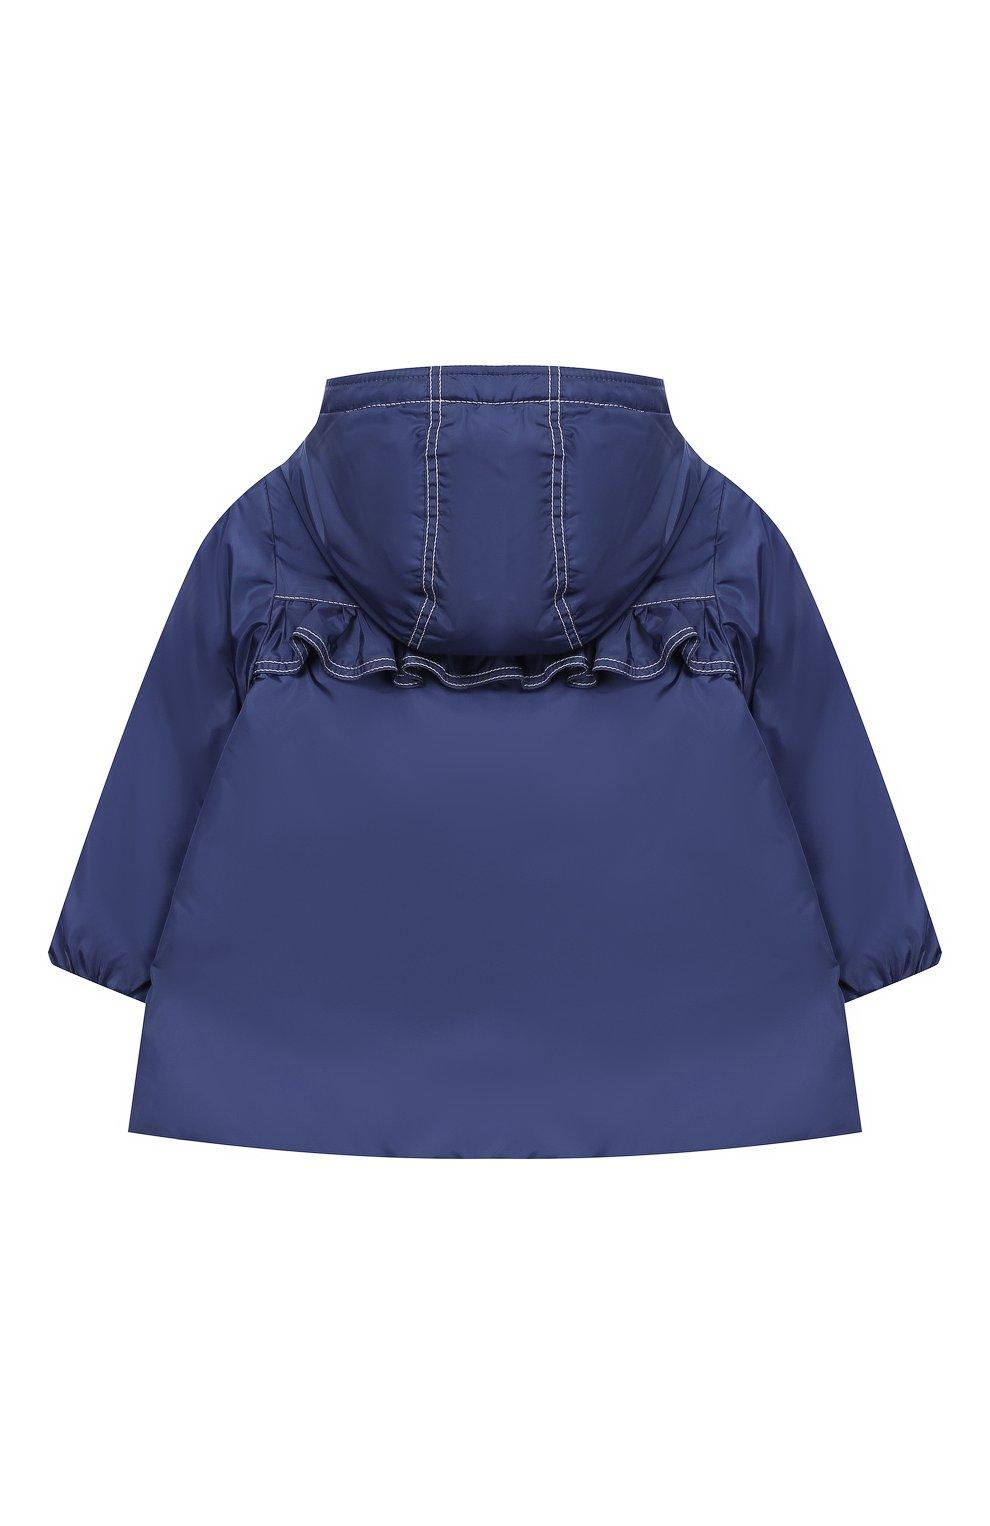 Детского пальто с капюшоном MONCLER ENFANT синего цвета, арт. E1-951-49942-05-54155 | Фото 2